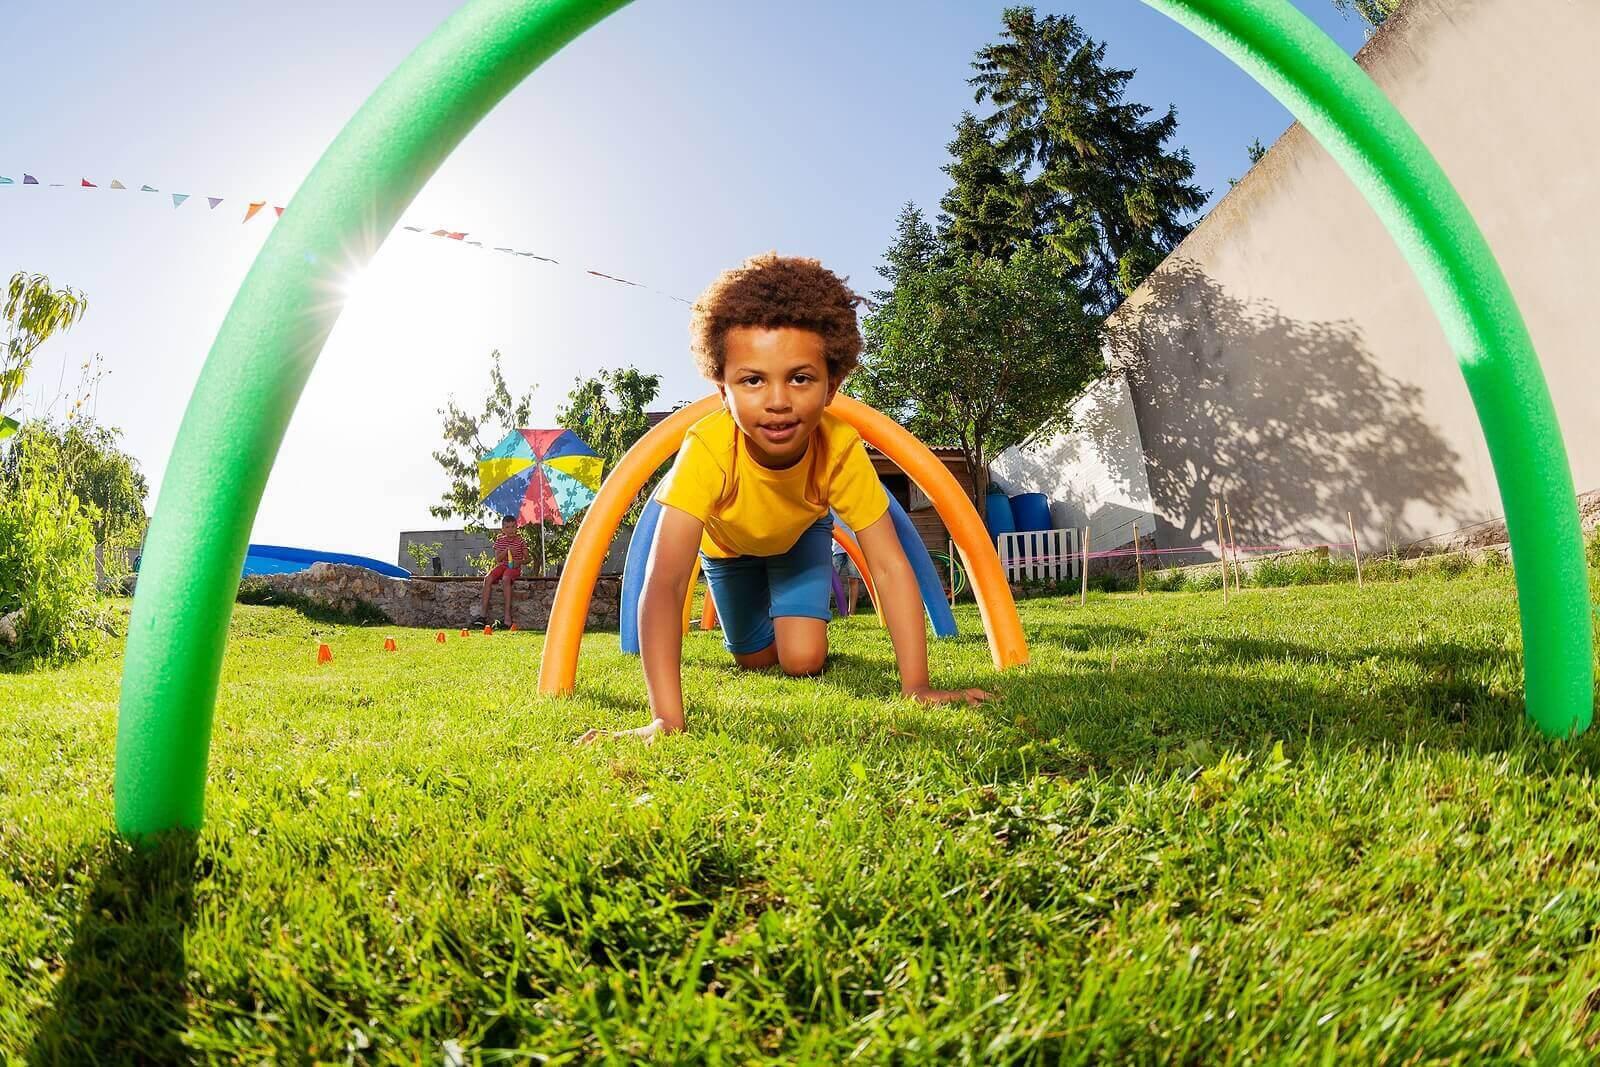 utveckla motoriska färdigheter: barn kryper under bågar